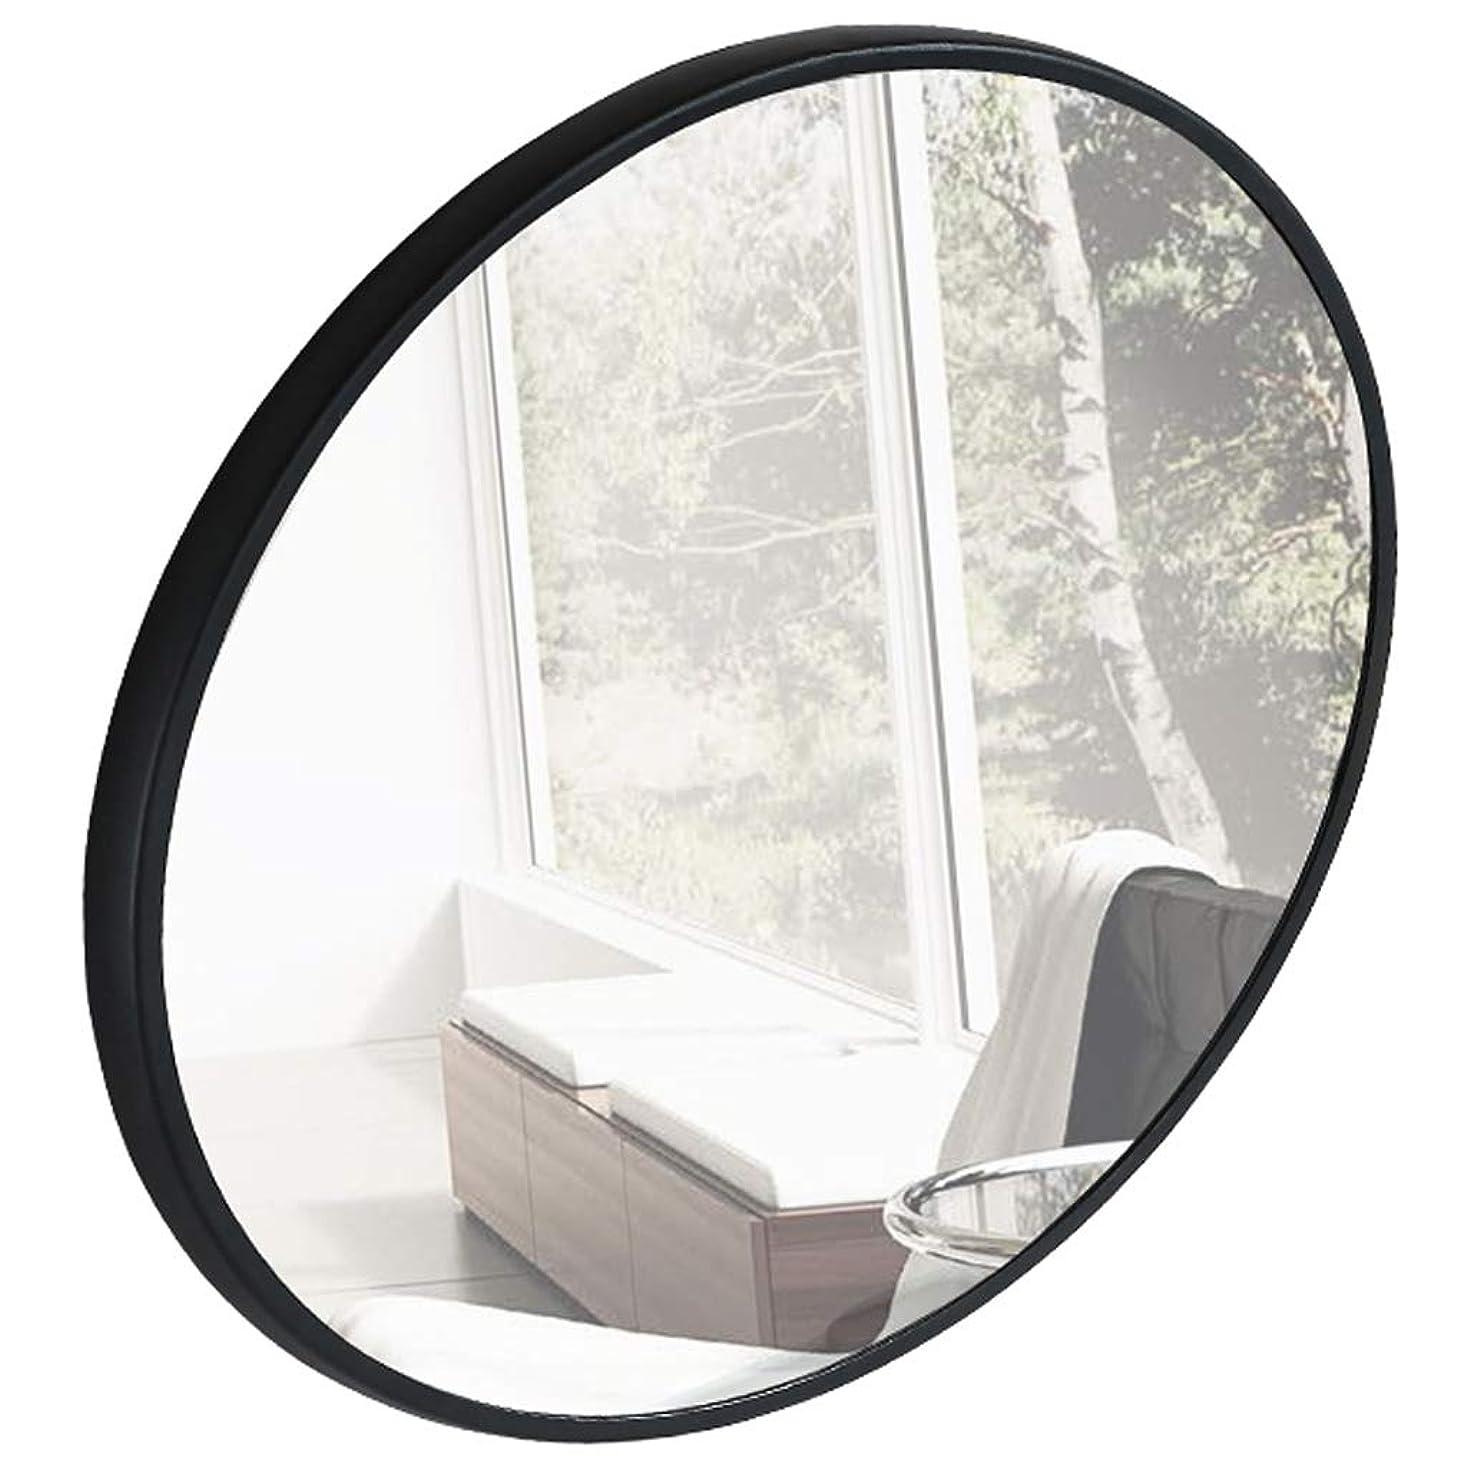 蒸理由コーナー大型丸壁鏡(ブラックメタルフレーム、直径:50-80cm)